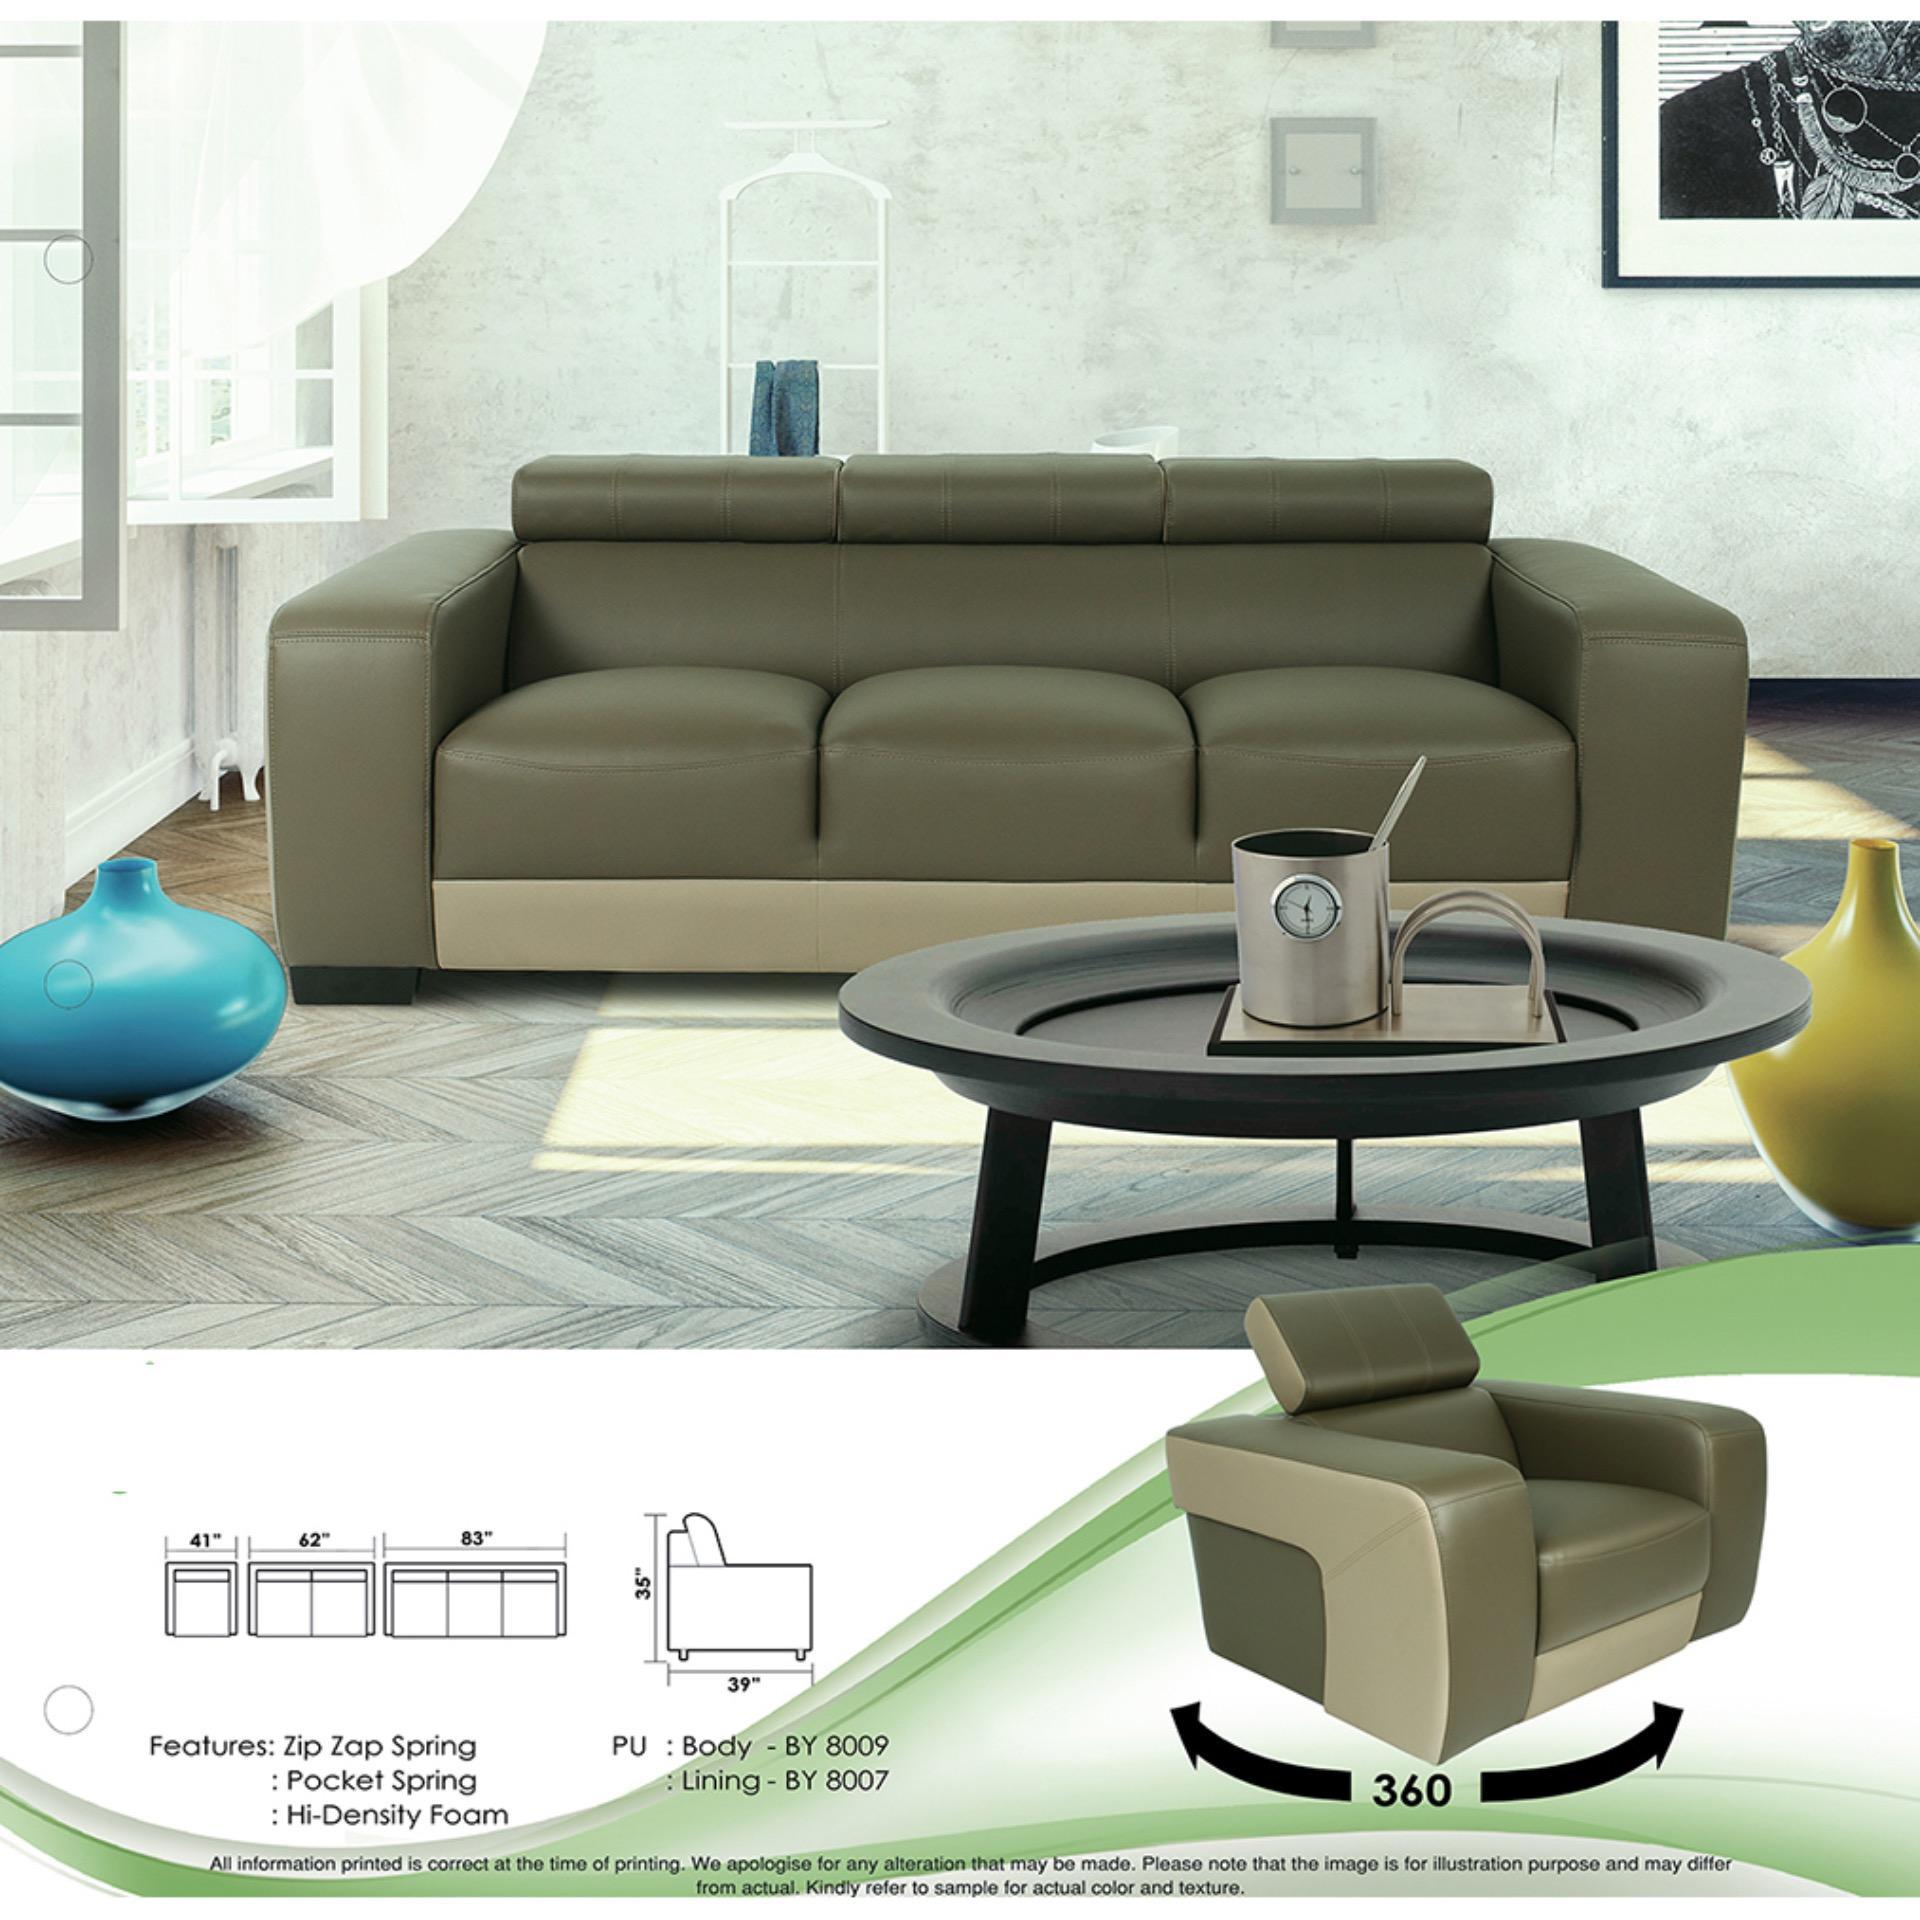 3 2 leather sofa set spanish sofas uk 1 fully l end 4 30 2021 12 00 am